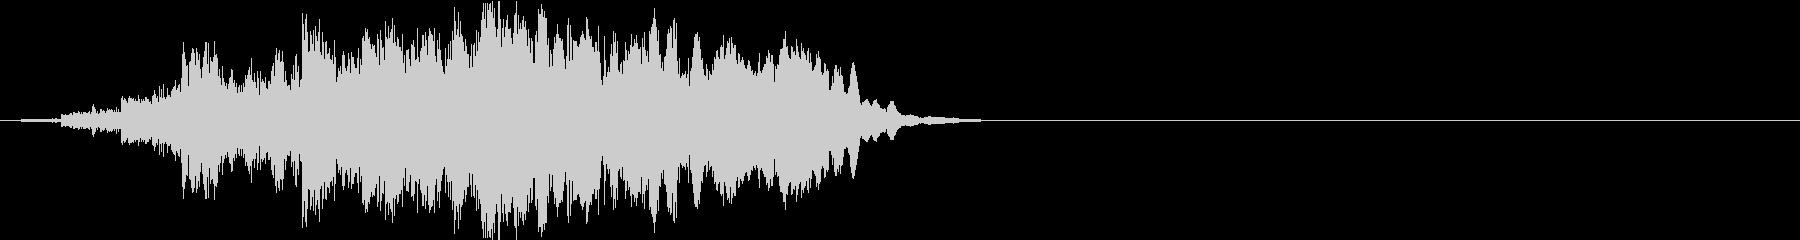 ニュース ラジオ イントロ ジングル1の未再生の波形